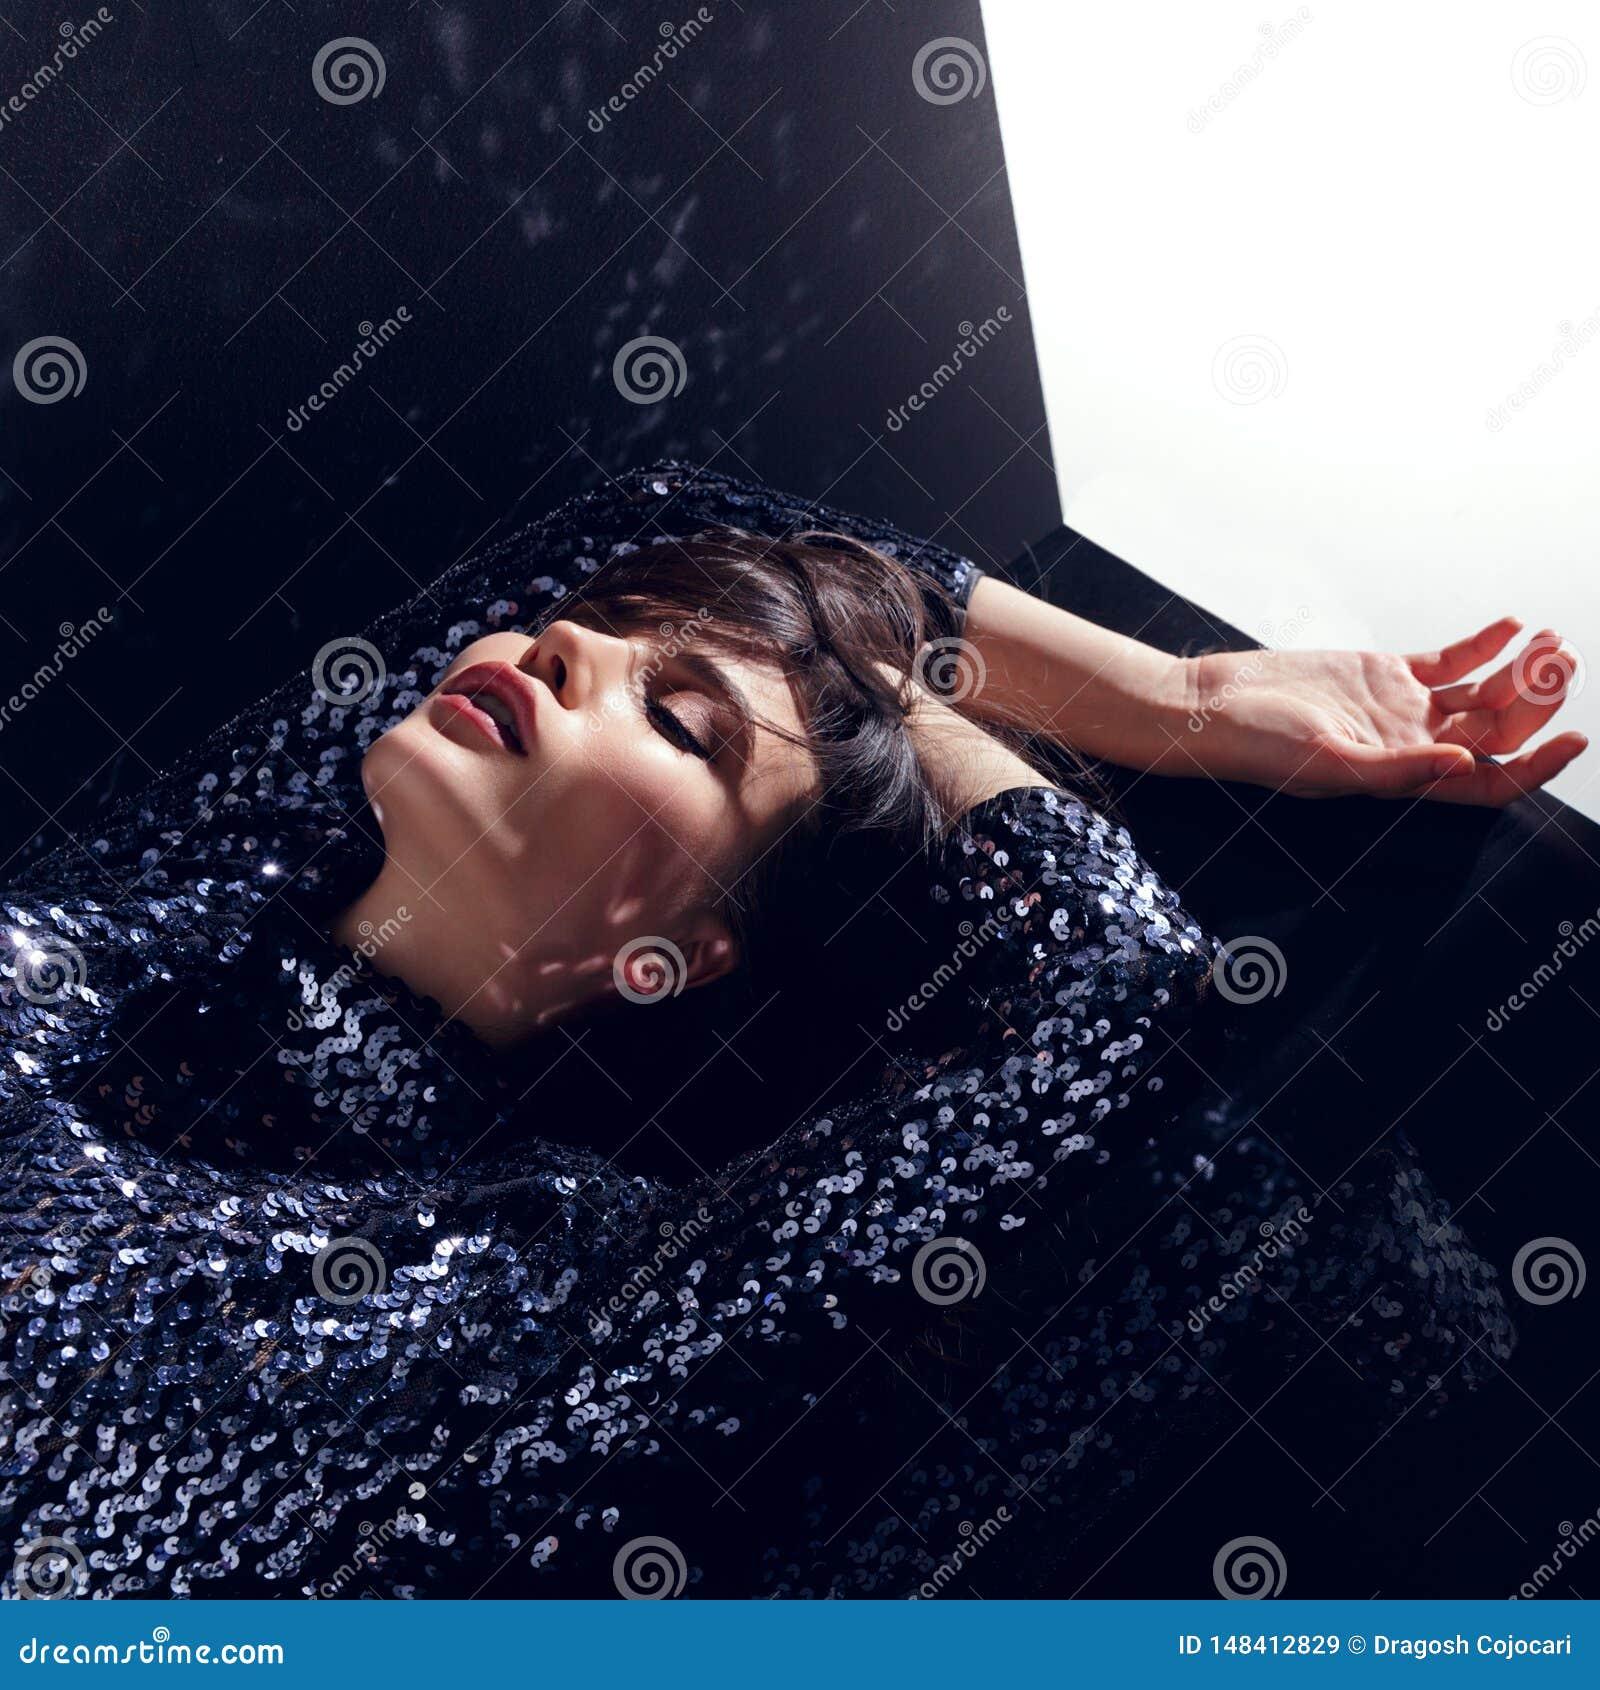 Концепция моды, шикарная модель, с закрытыми глазами в sequins одевает представлять в студии, изолированной на черной предпосылке